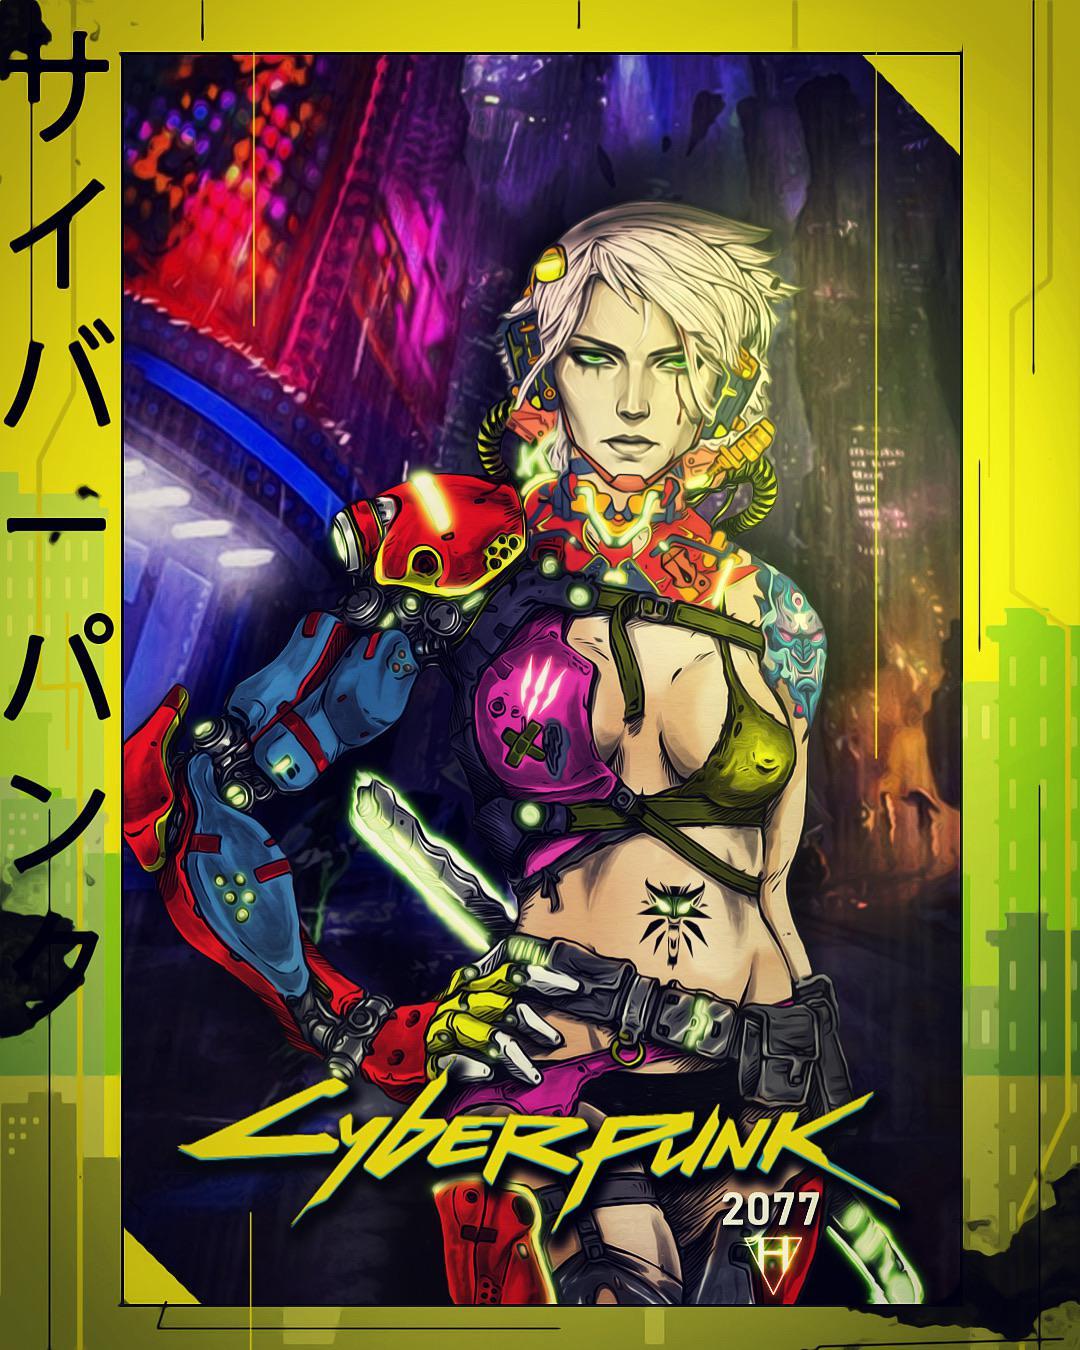 Cyberpunk 20771.jpg - Cyberpunk 2077